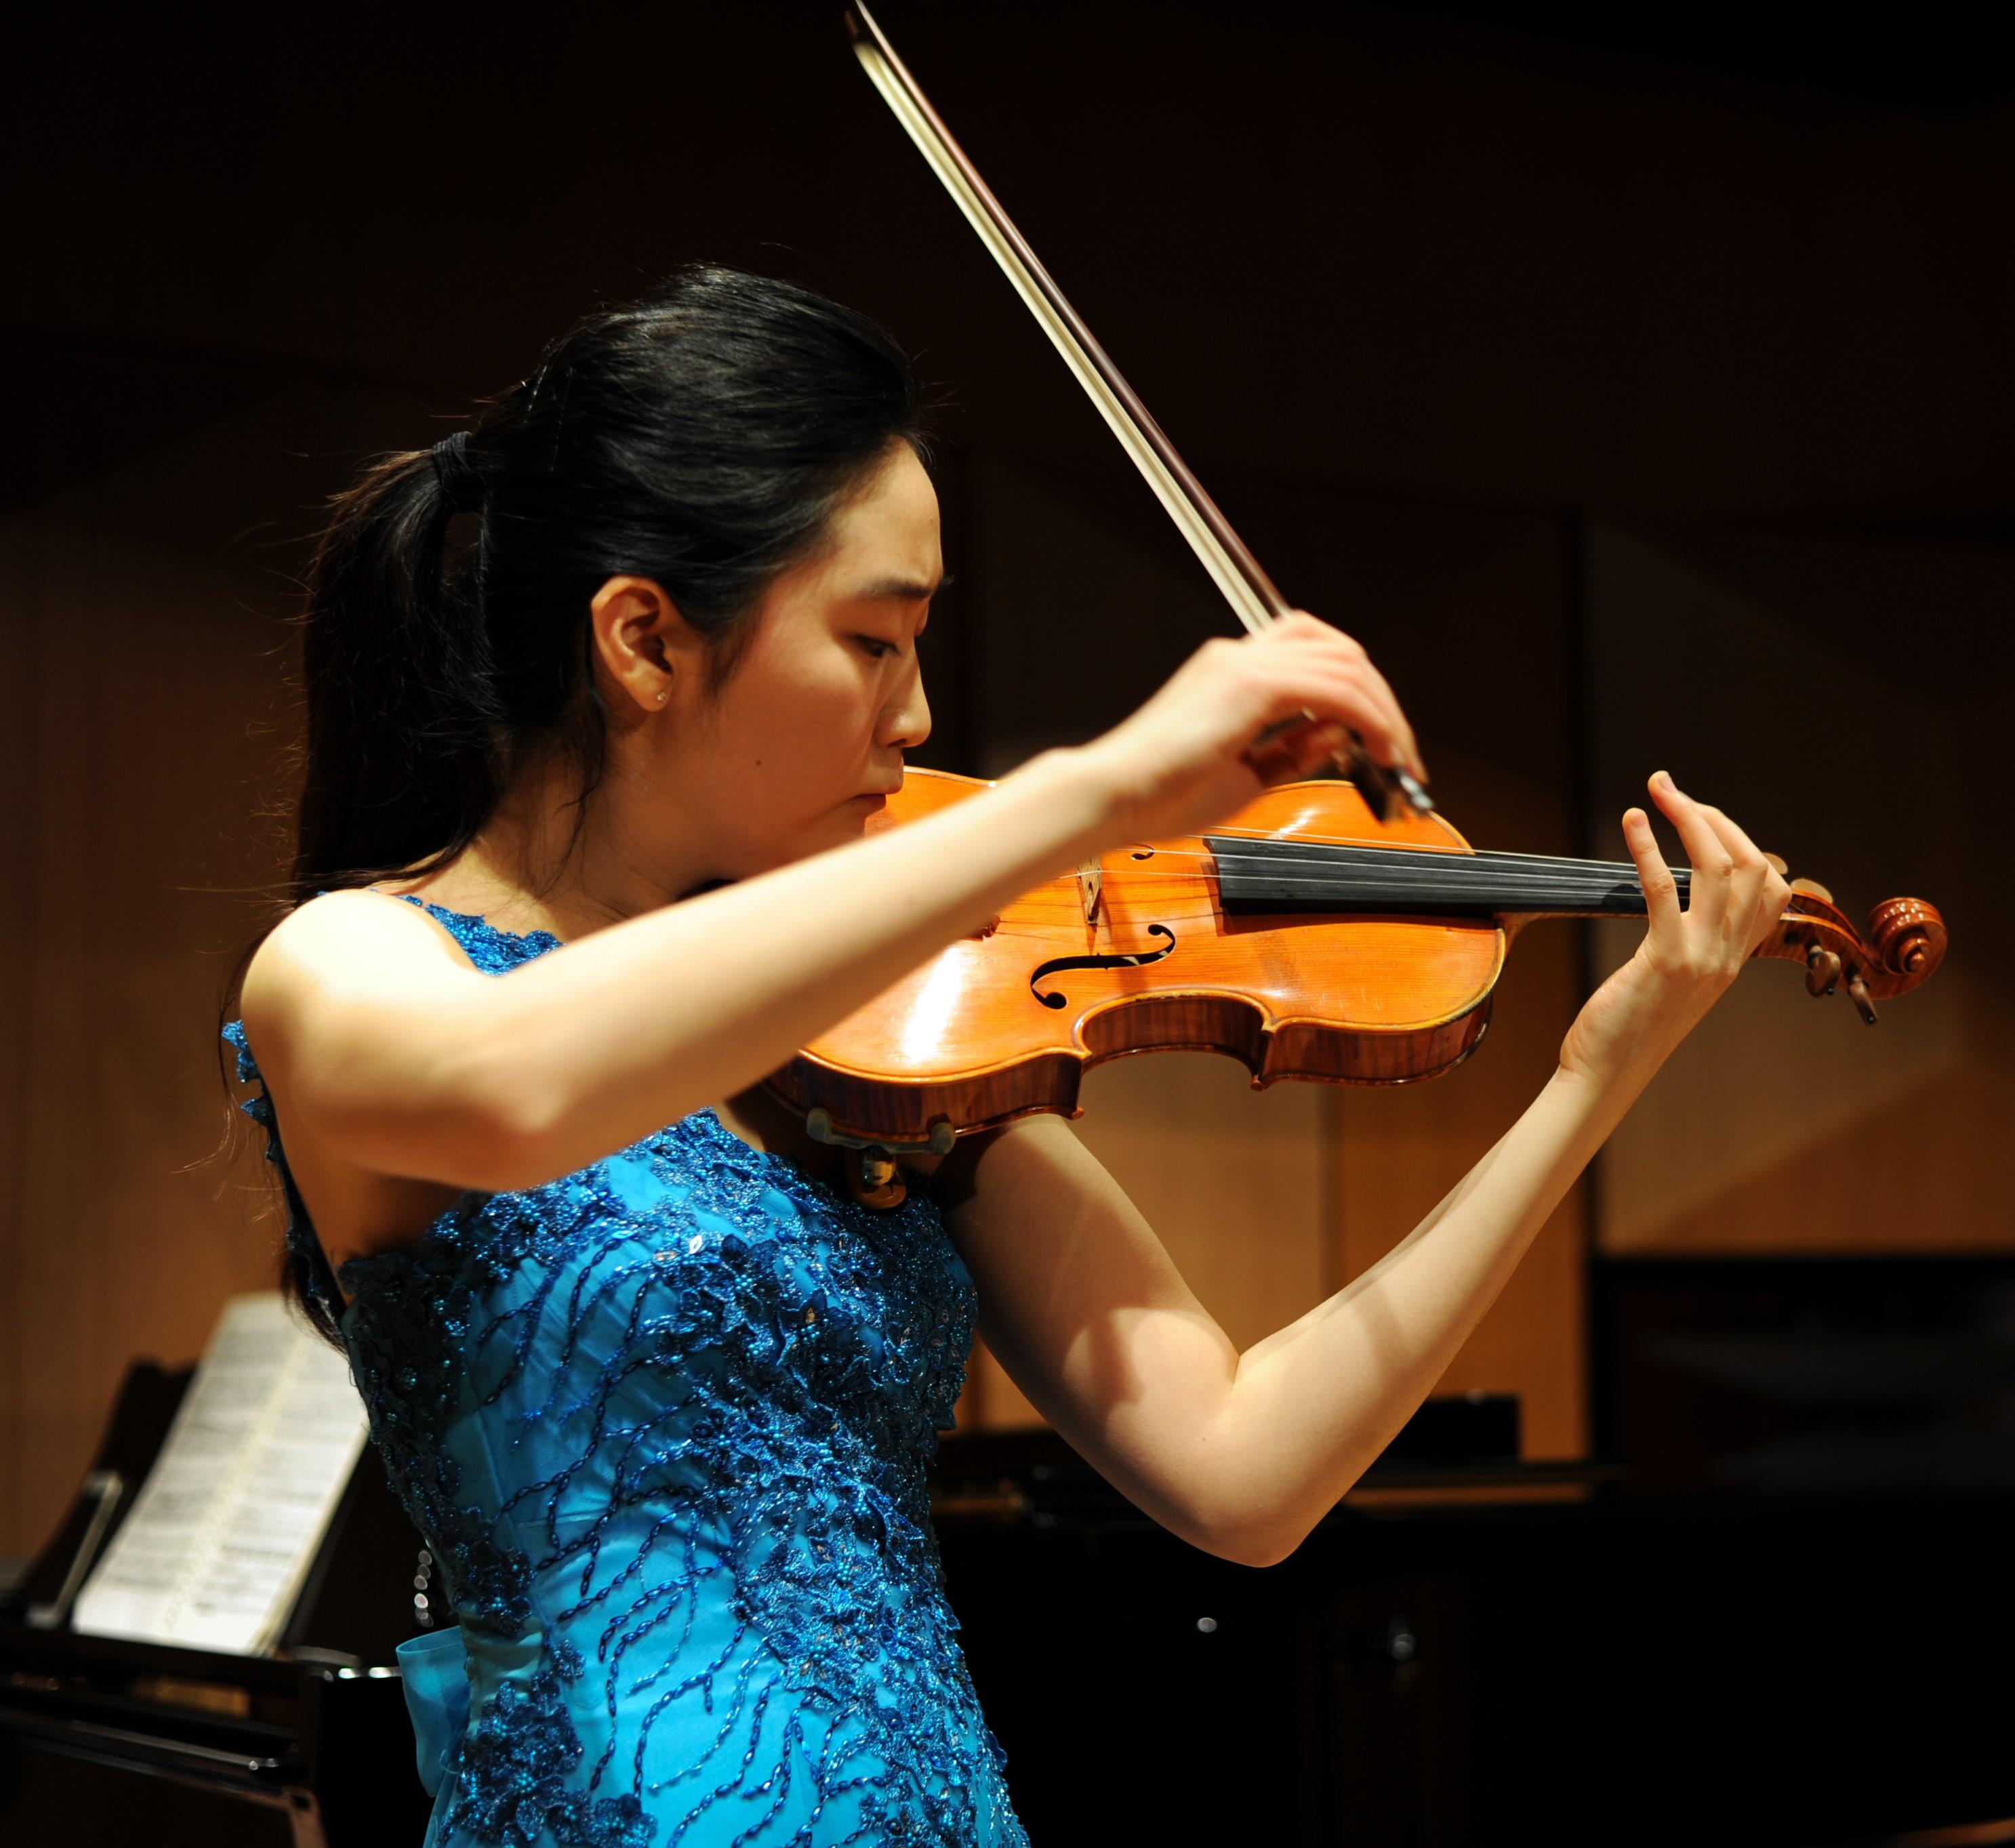 Yookyung Kang